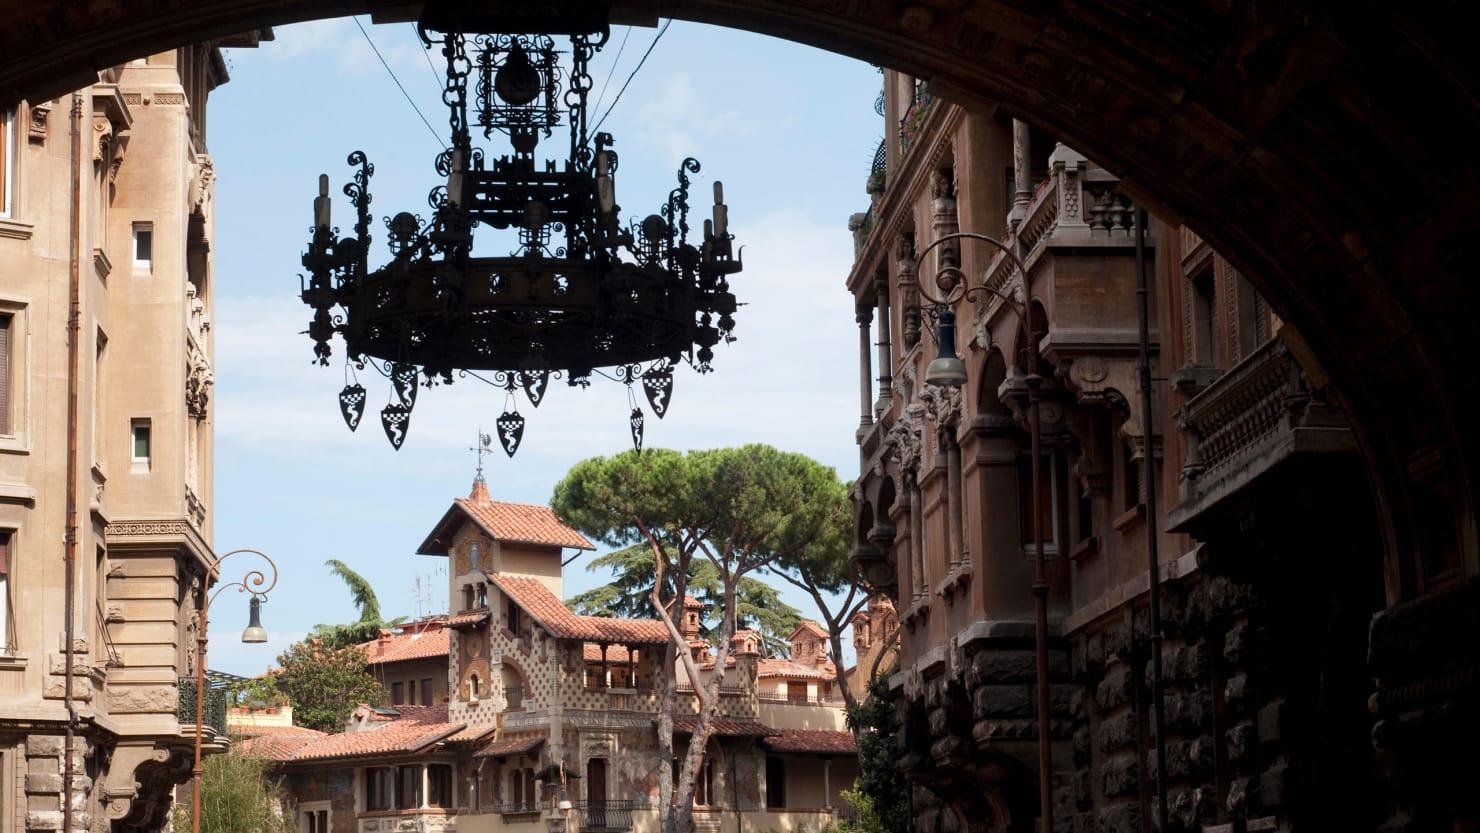 Inside Rome's Secret Gaudi-esque Art Nouveau District